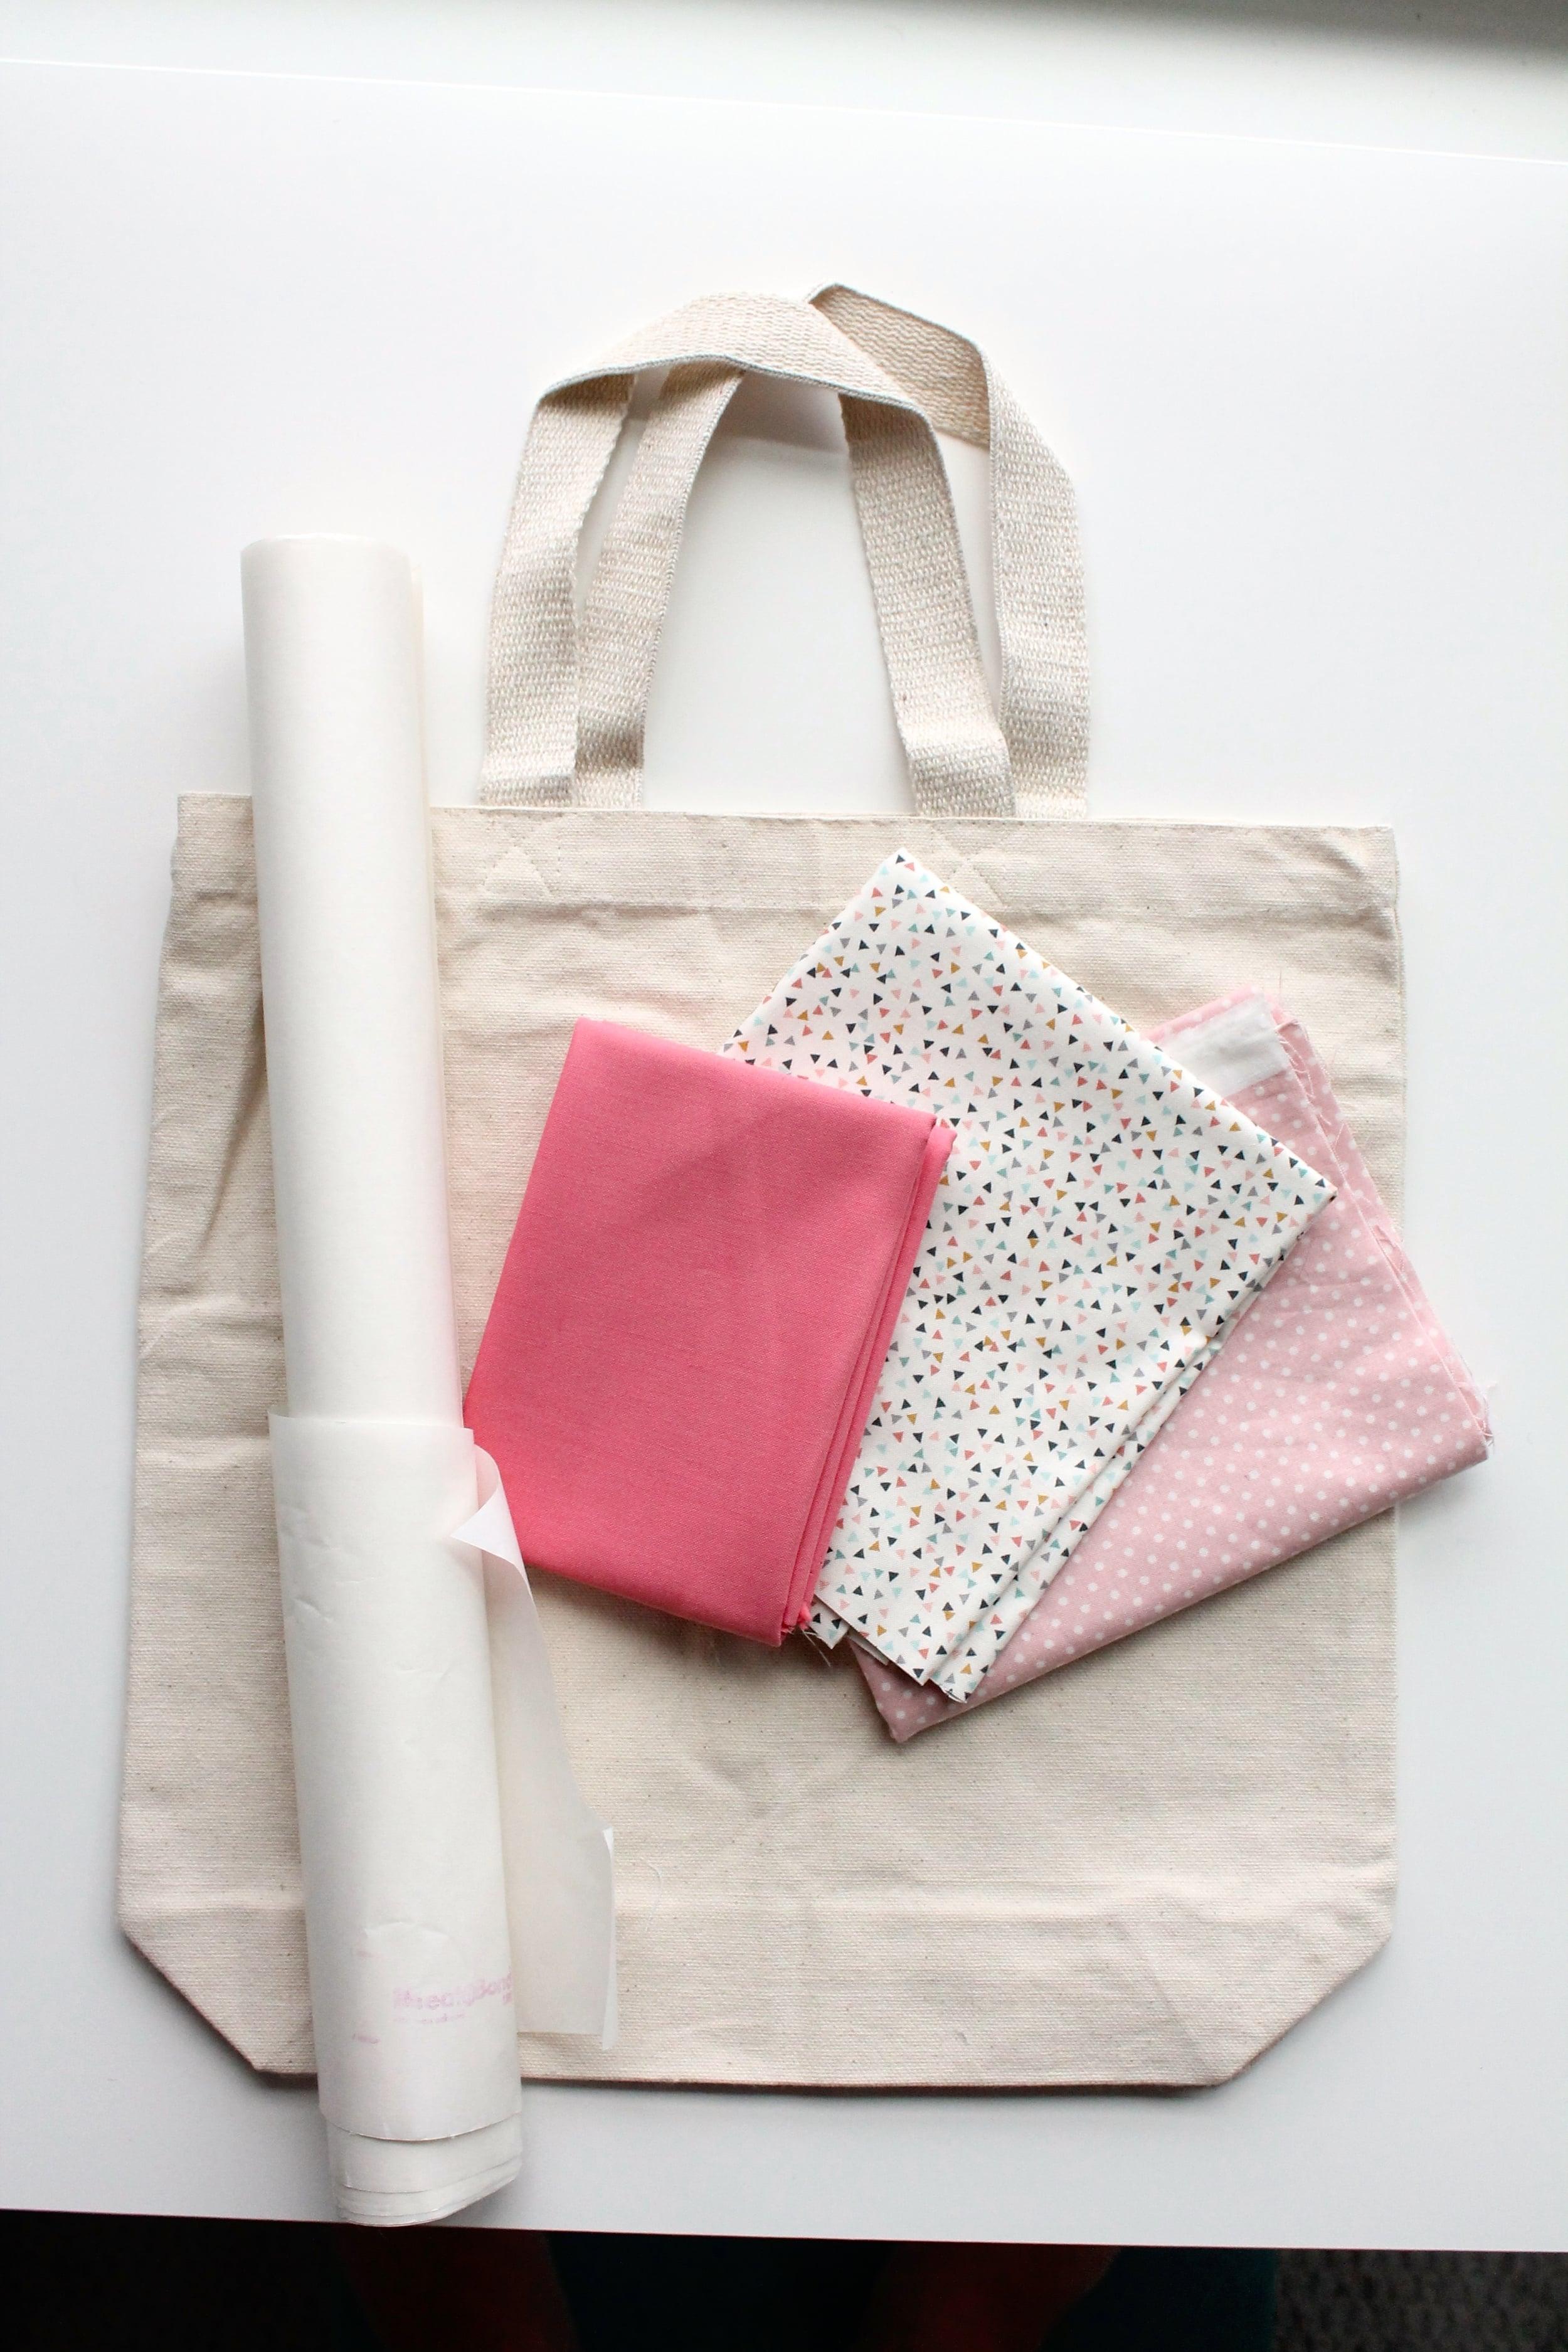 Church Bag/Travel Bag Supplies